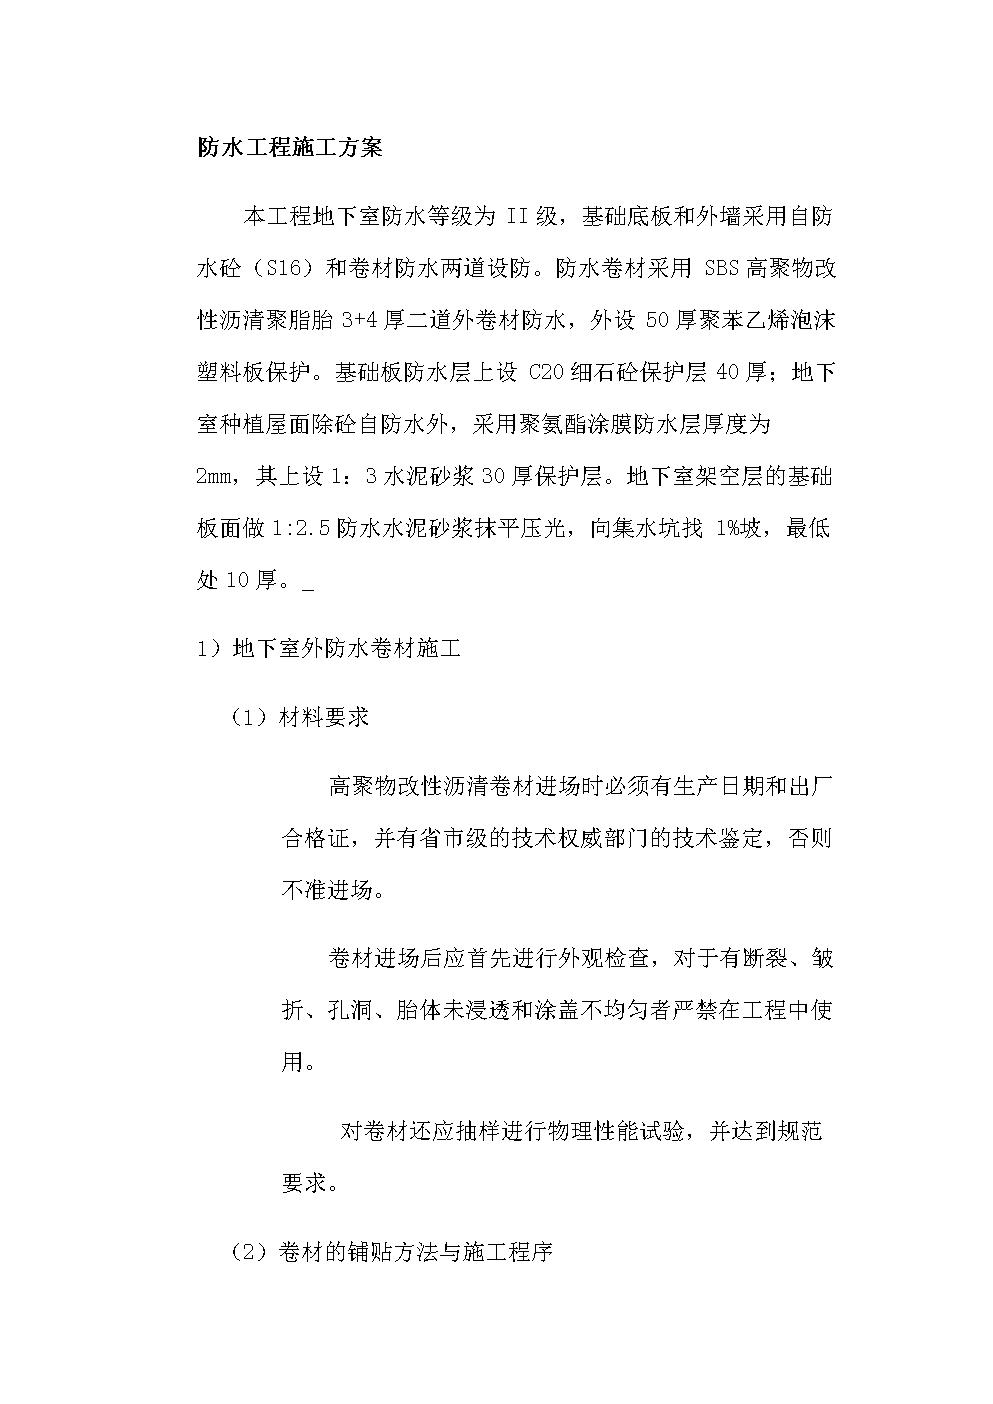 防水工程施工方案 (1)xx.docx